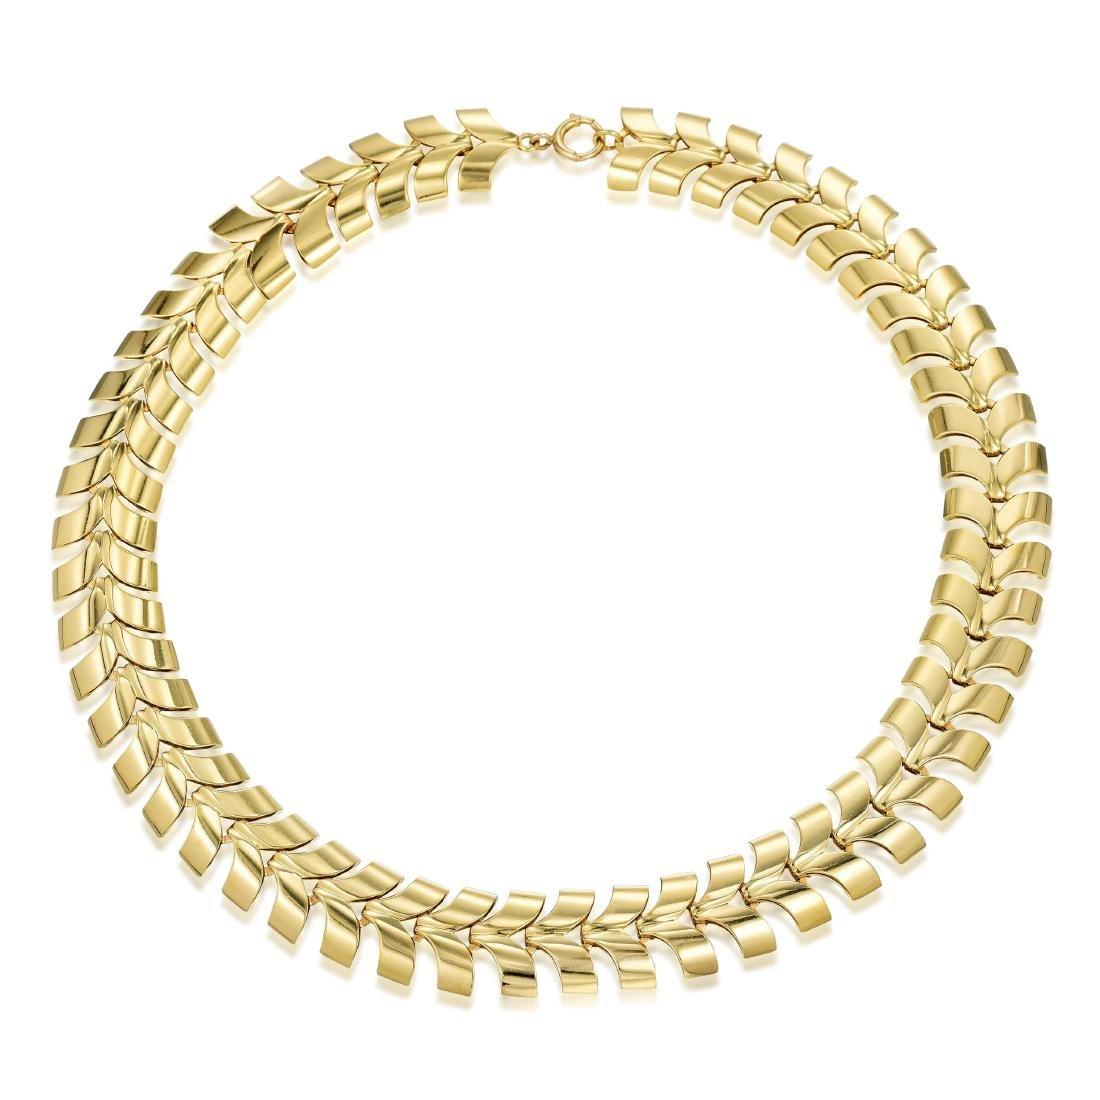 Tiffany & Co. Gold Necklace and Bracelet Set - 3